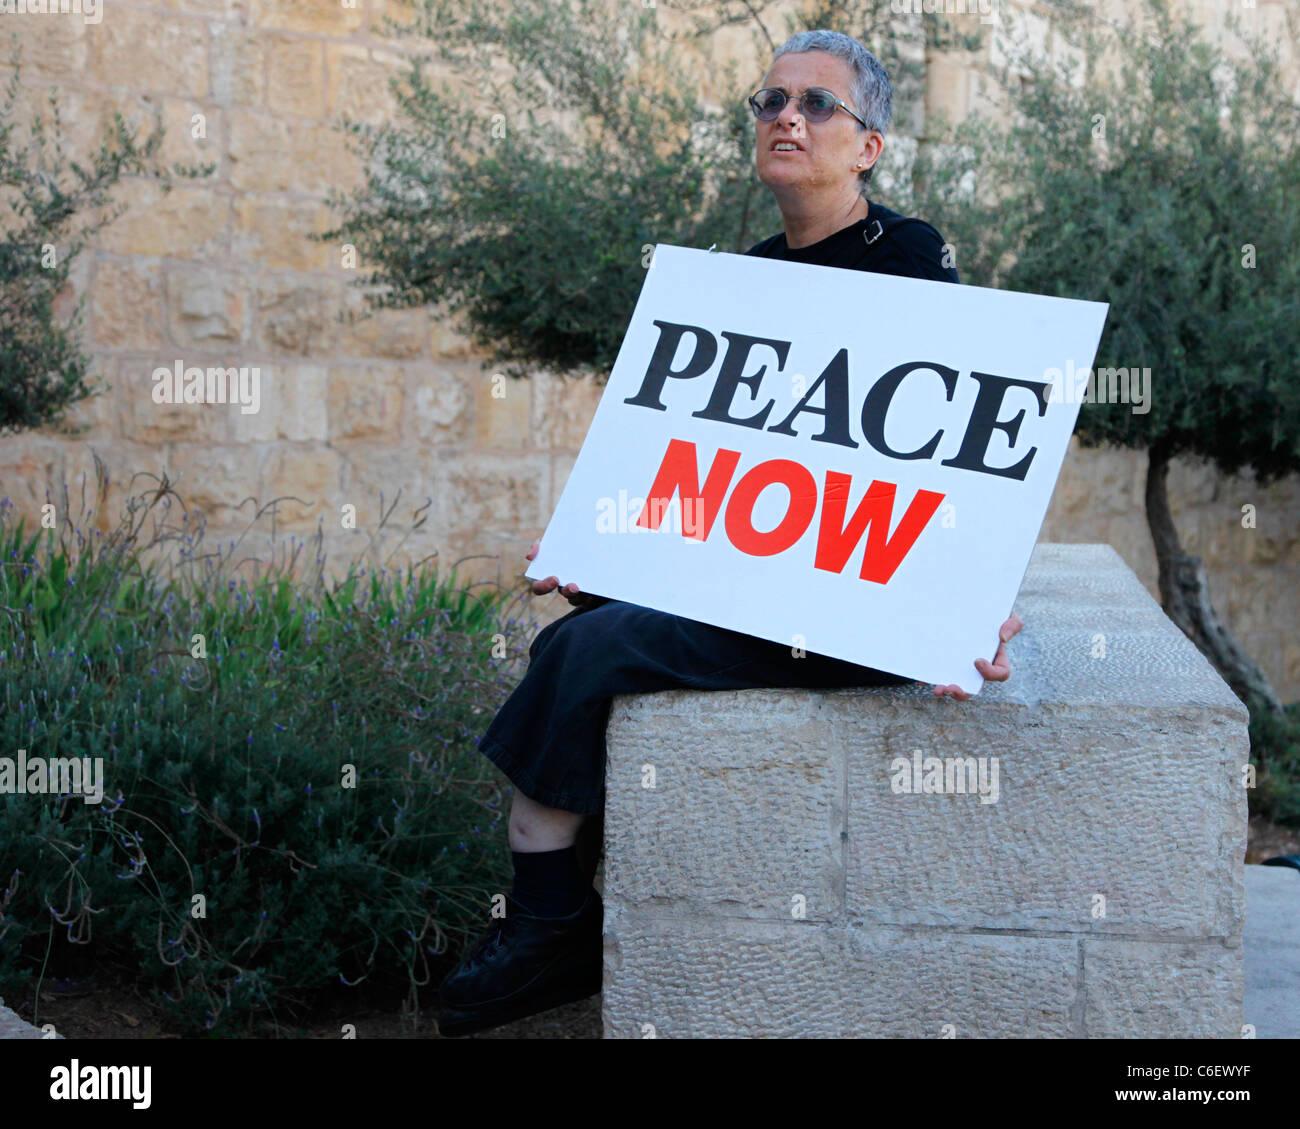 Un judío israelí activista de izquierda sosteniendo una pancarta del movimiento Paz Ahora, con el objetivo Imagen De Stock